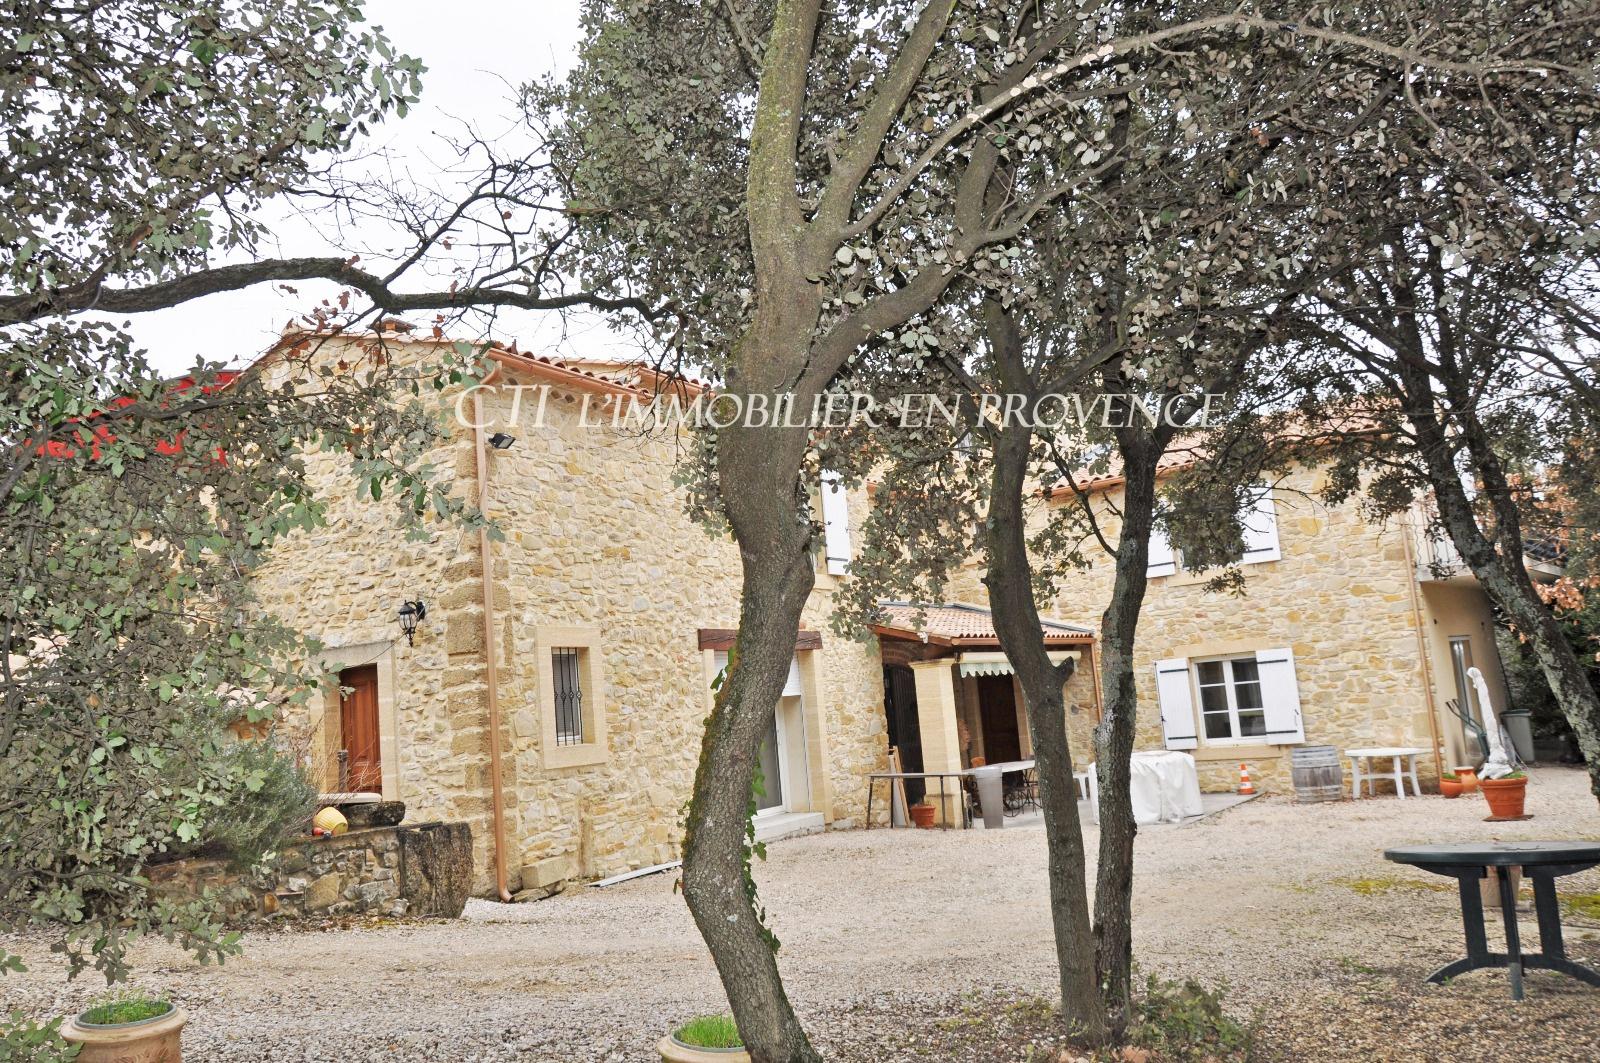 0 www.cti-provence.net -Vente propriété en pierre, beaux volumes. S.H 290 m²   d